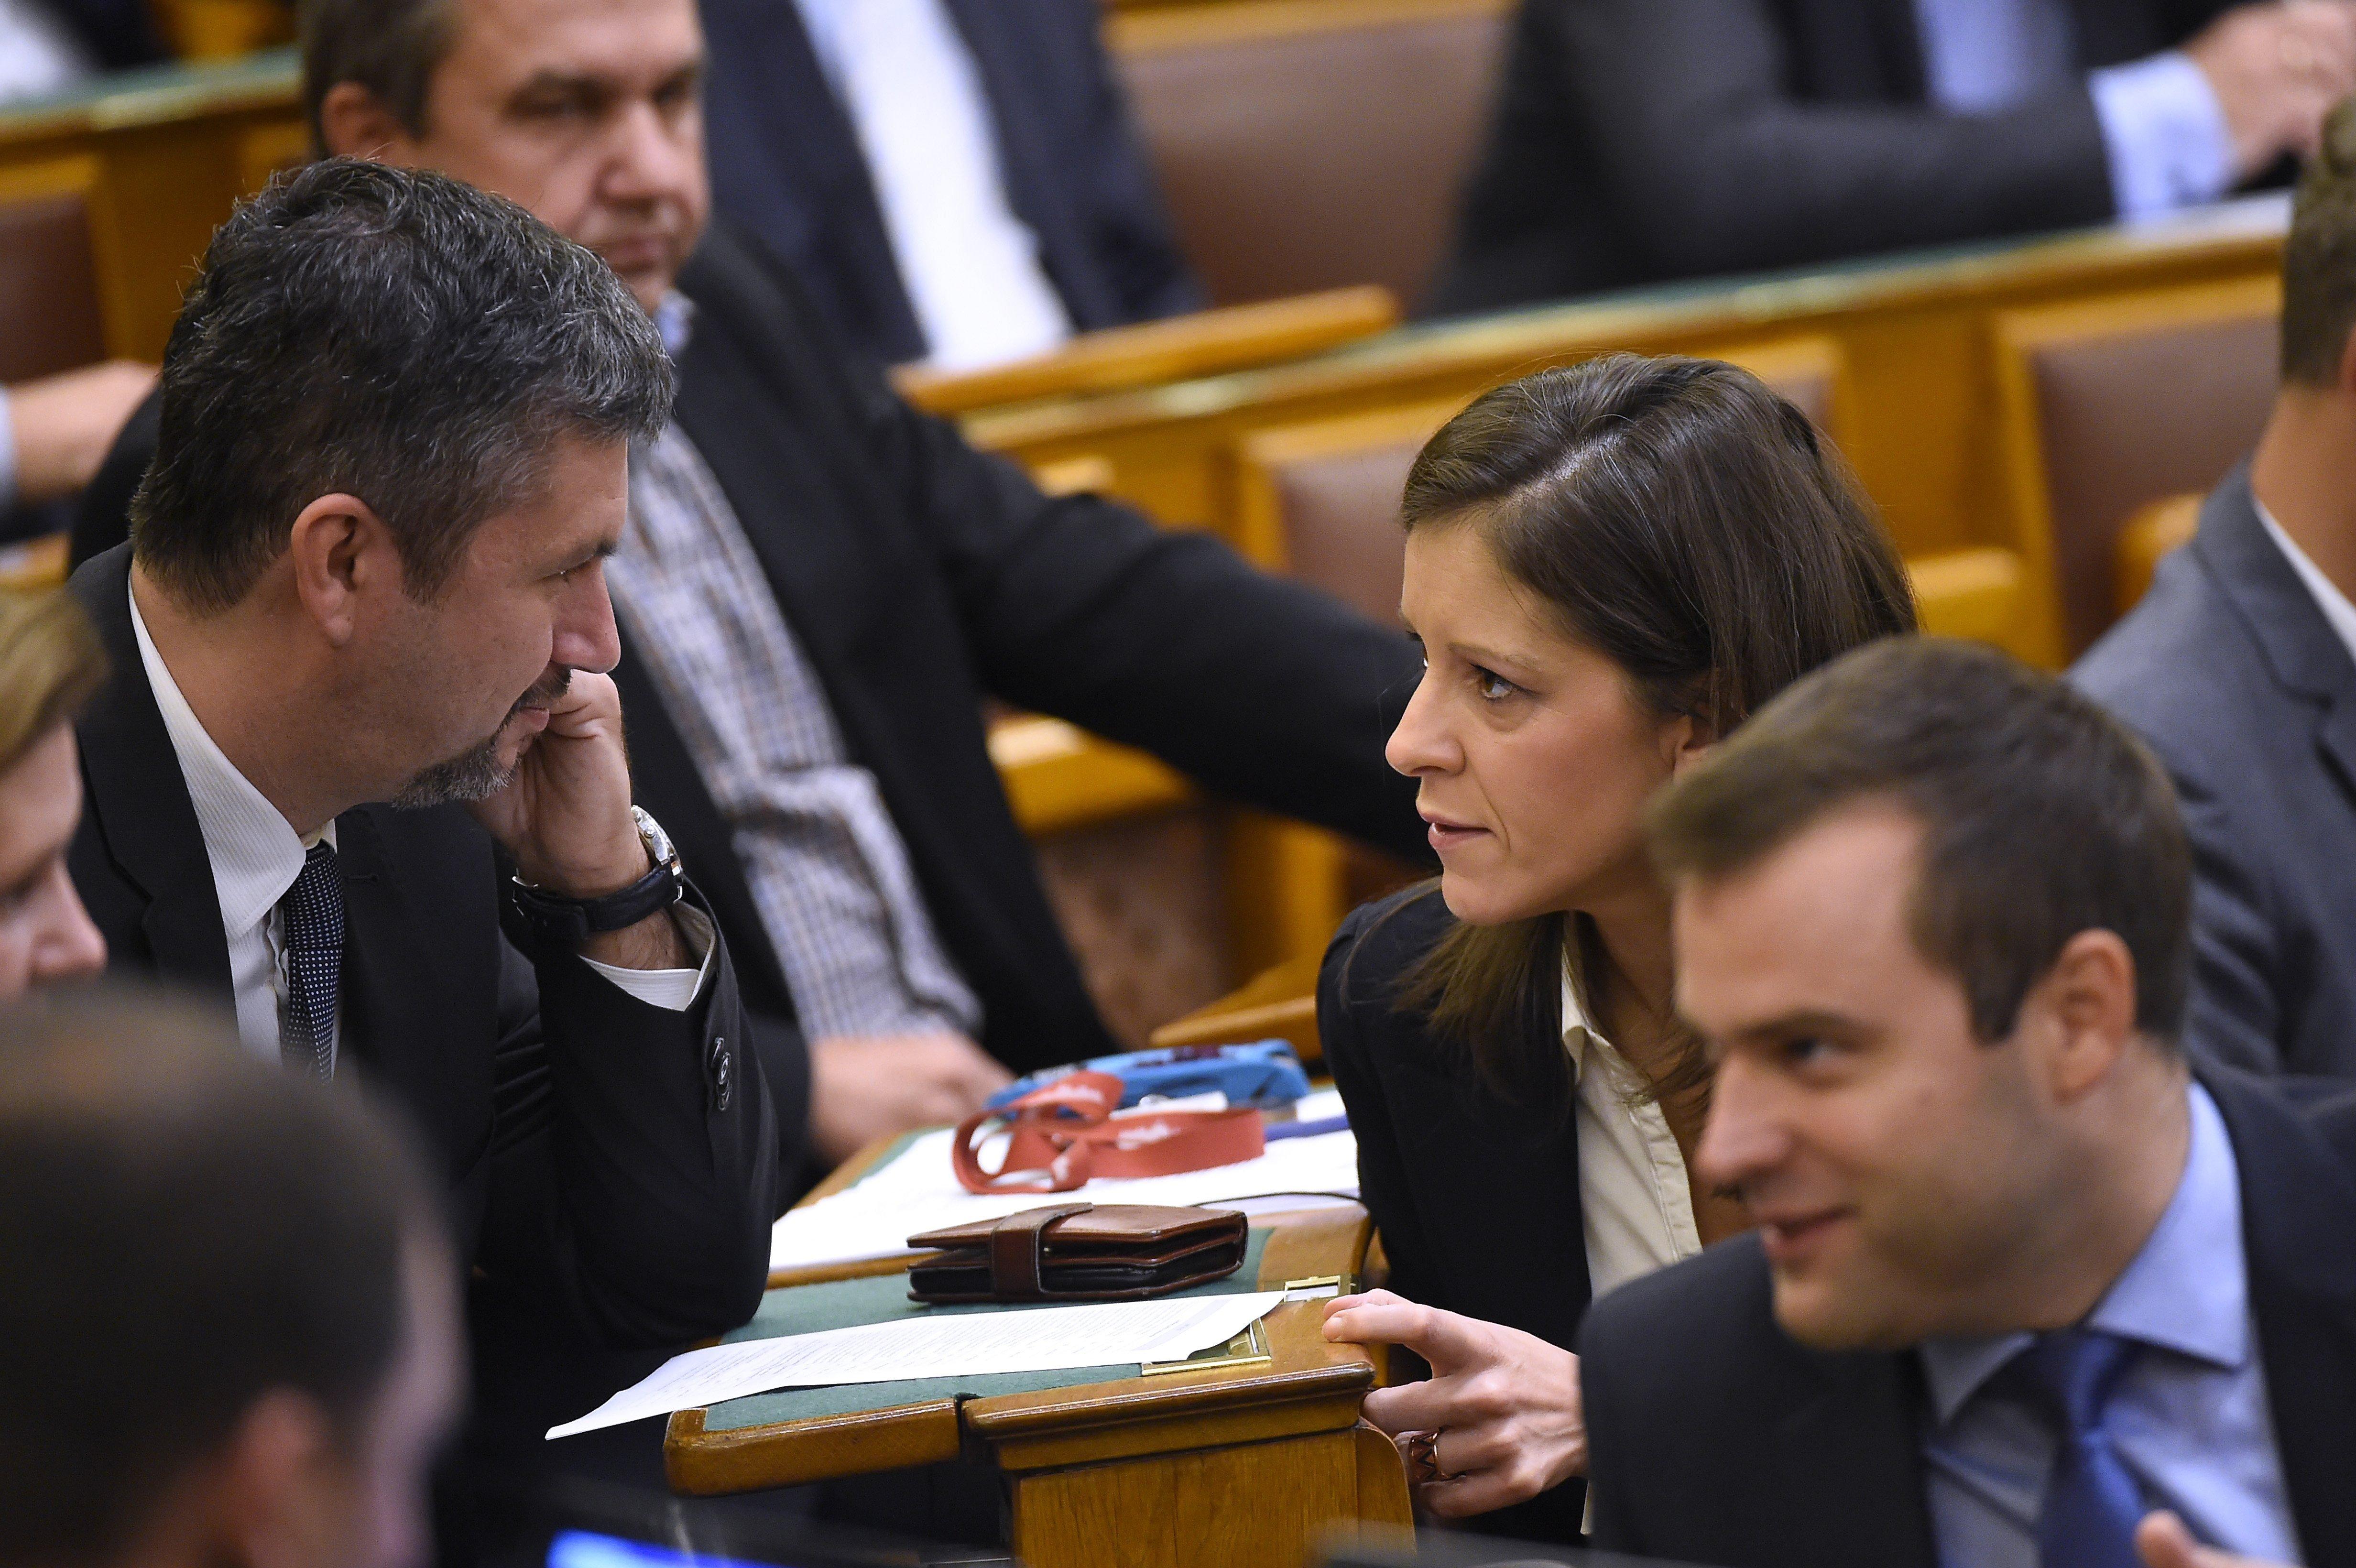 A parlamenti képviselők fizetésének egy részét fordítsák a járvány elleni védekezésre, javasolja Hadházy és Szél